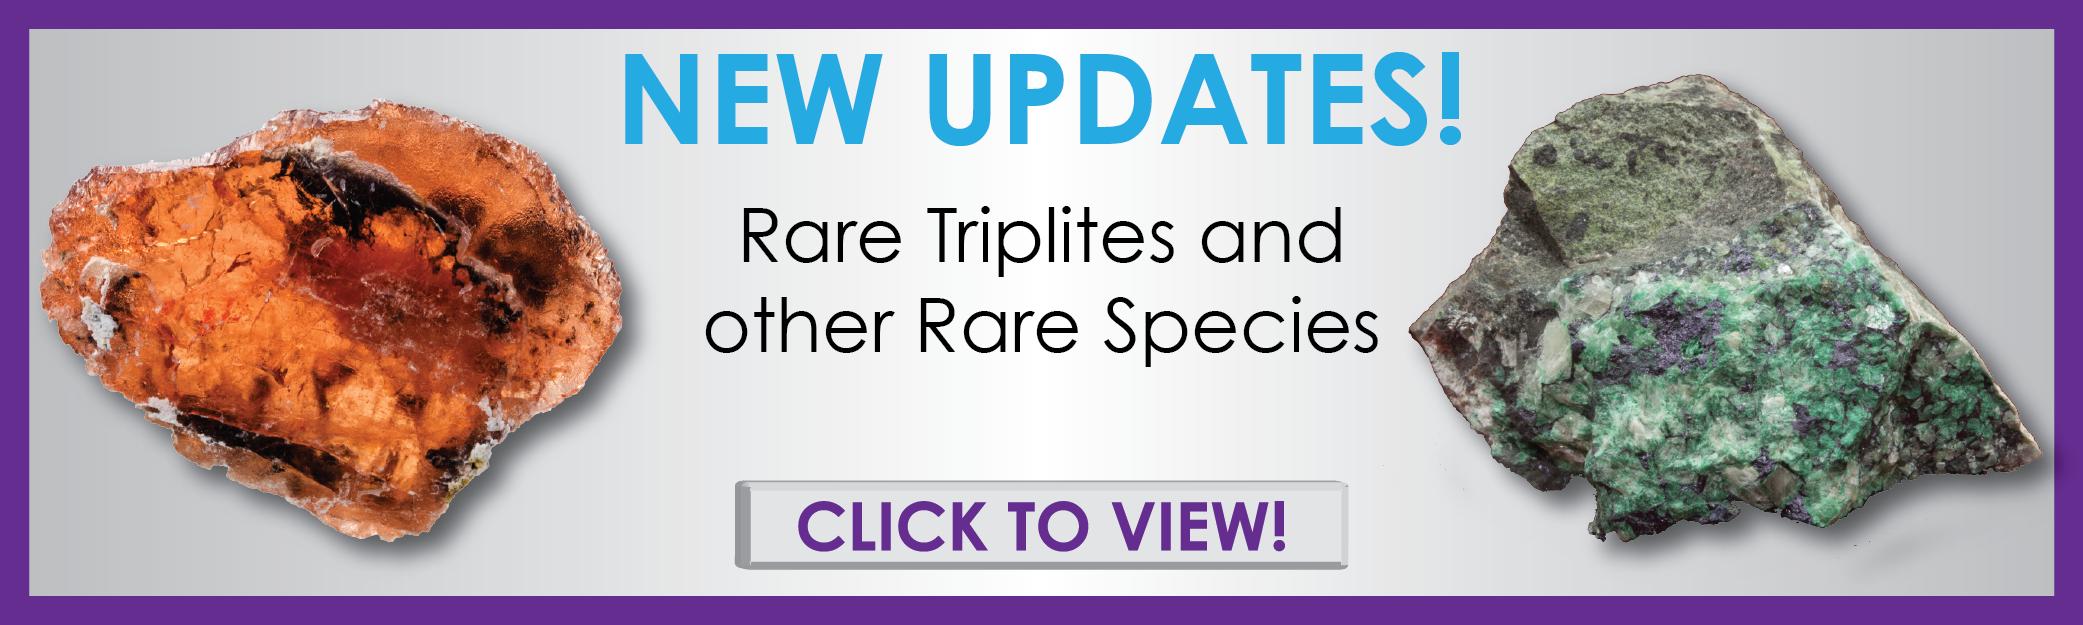 TRIP, RARE15C Updates